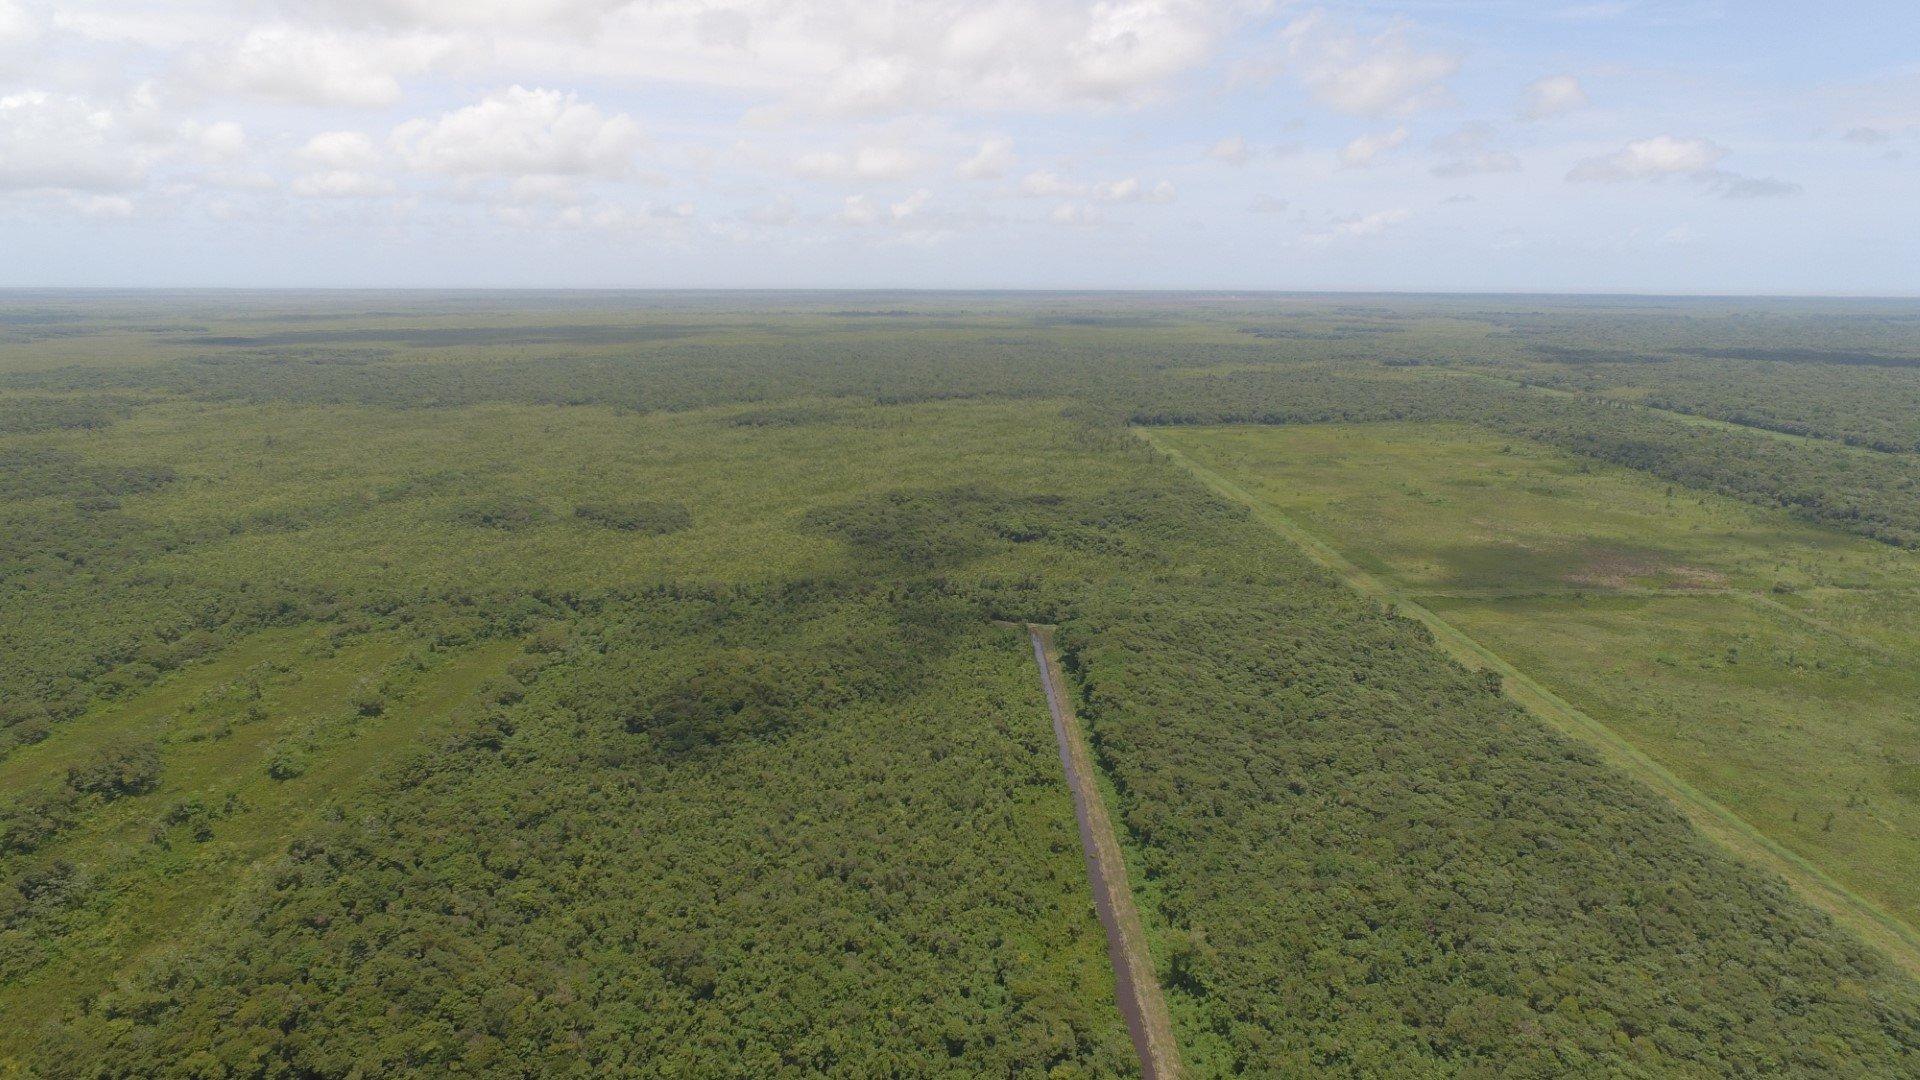 Wayamboweg 126-135 - Zesde Rijweg - 507 ha grondhuur bestemd voor landbouw en veeteelt - Surgoed Makelaardij NV - Paramaribo, Suriname